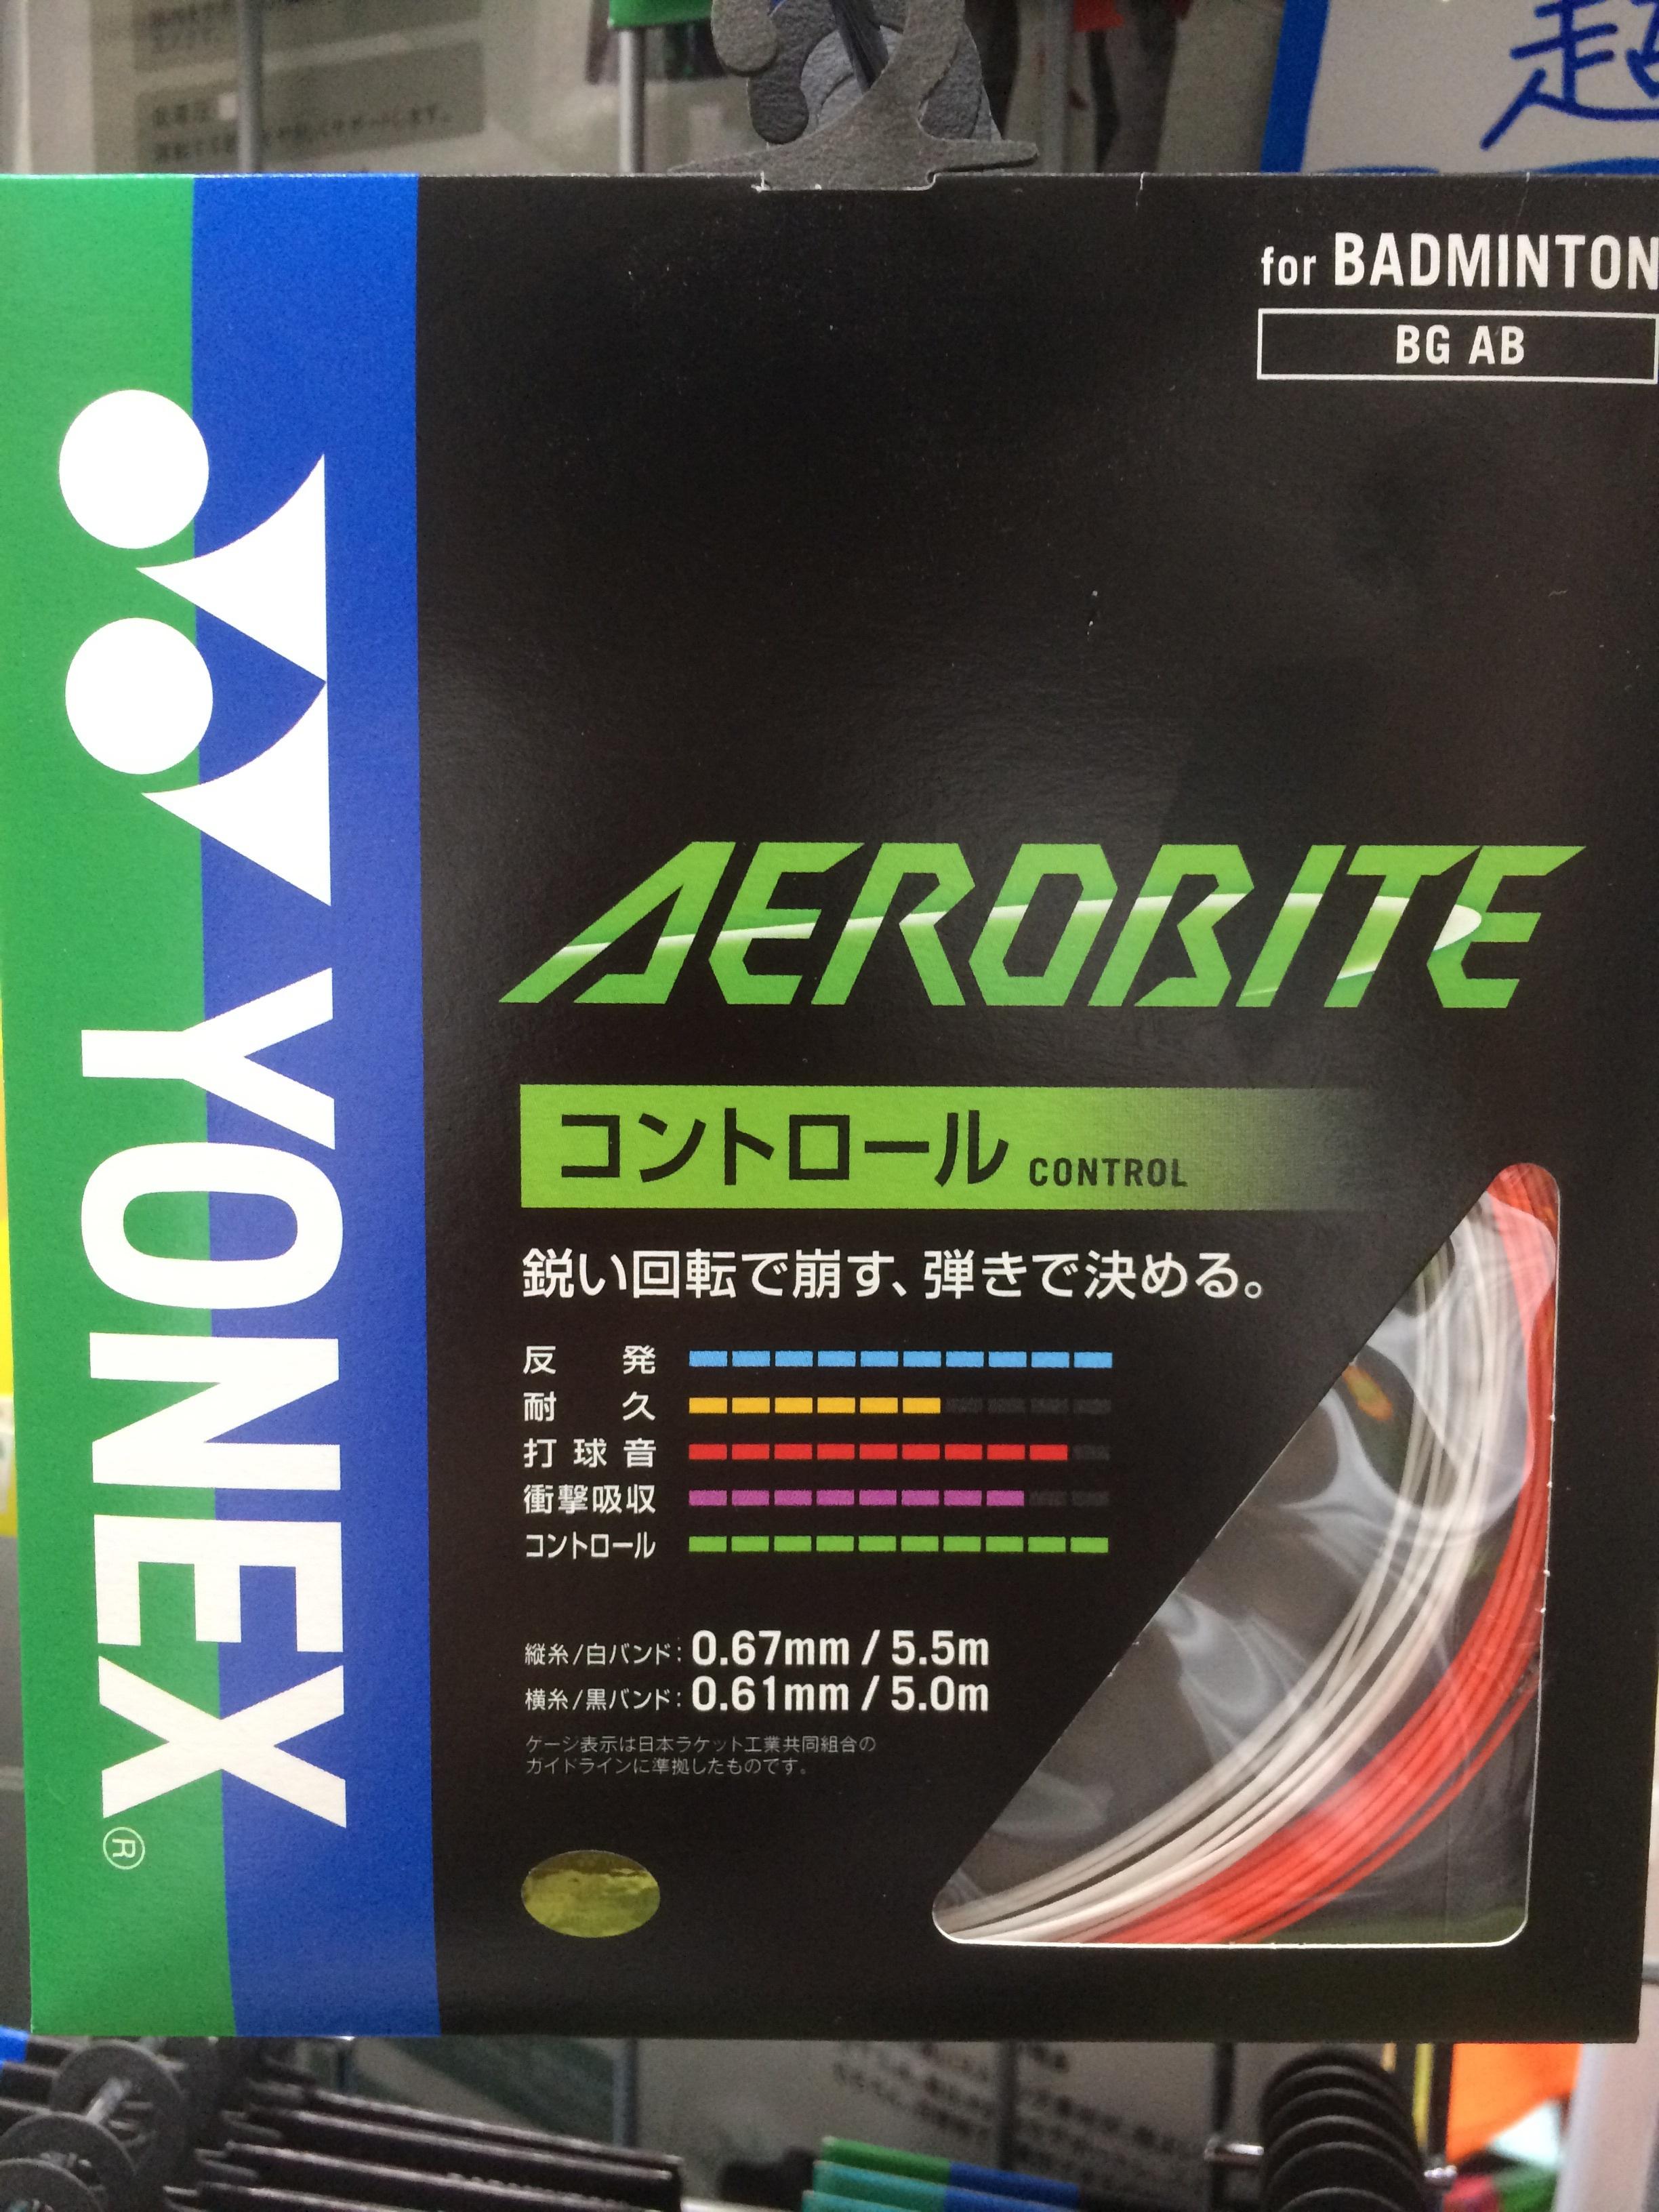 ヨネックス AEROBITE - 画像1